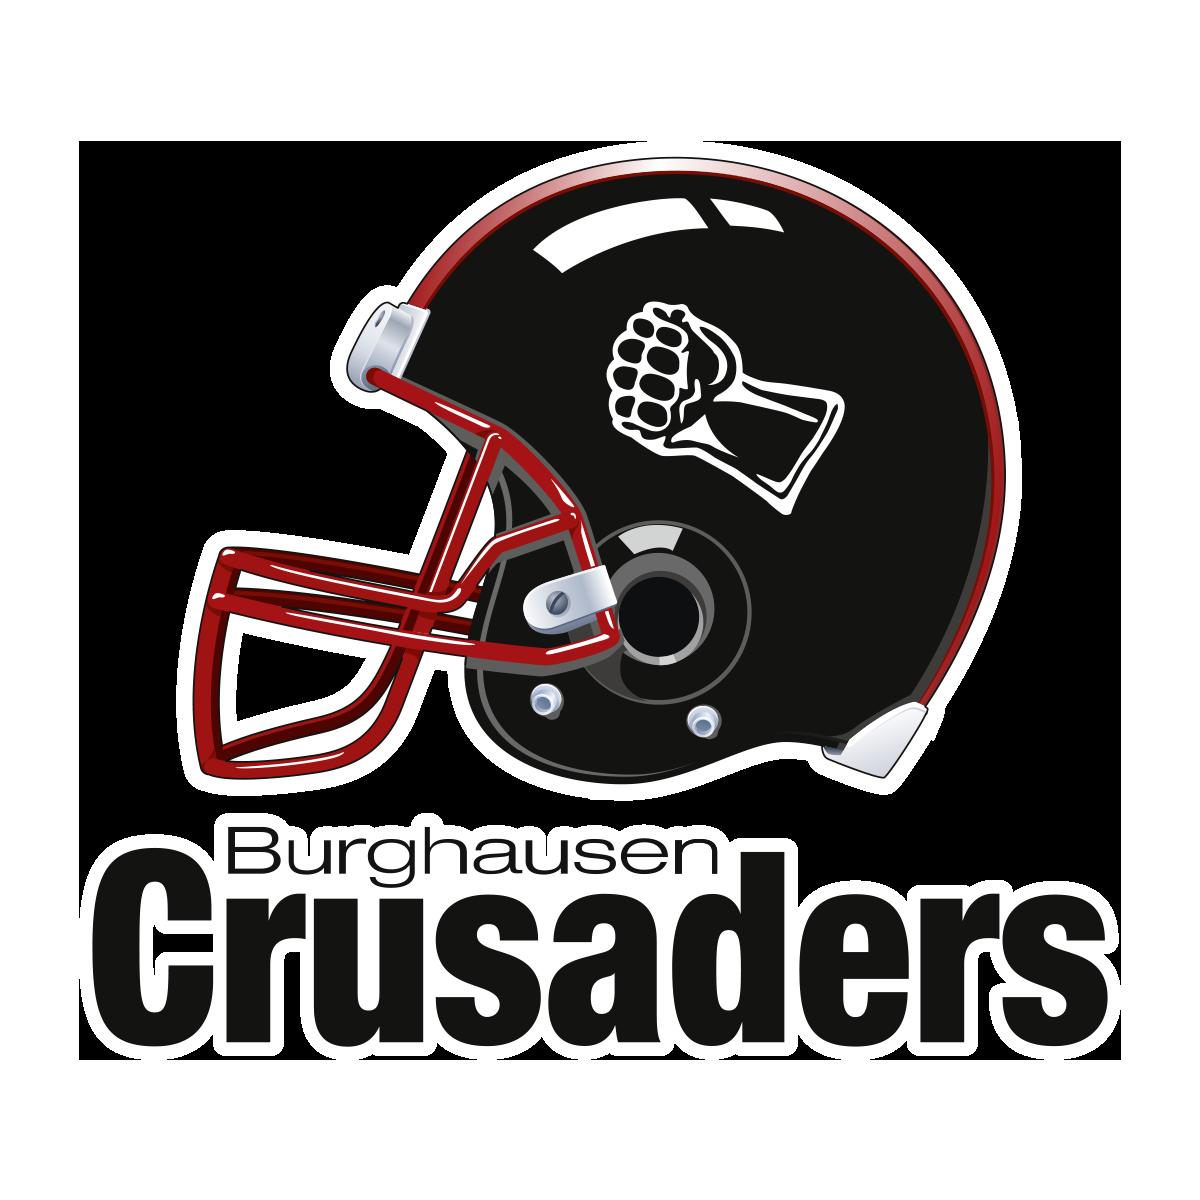 Logo Burghausen Crusaders